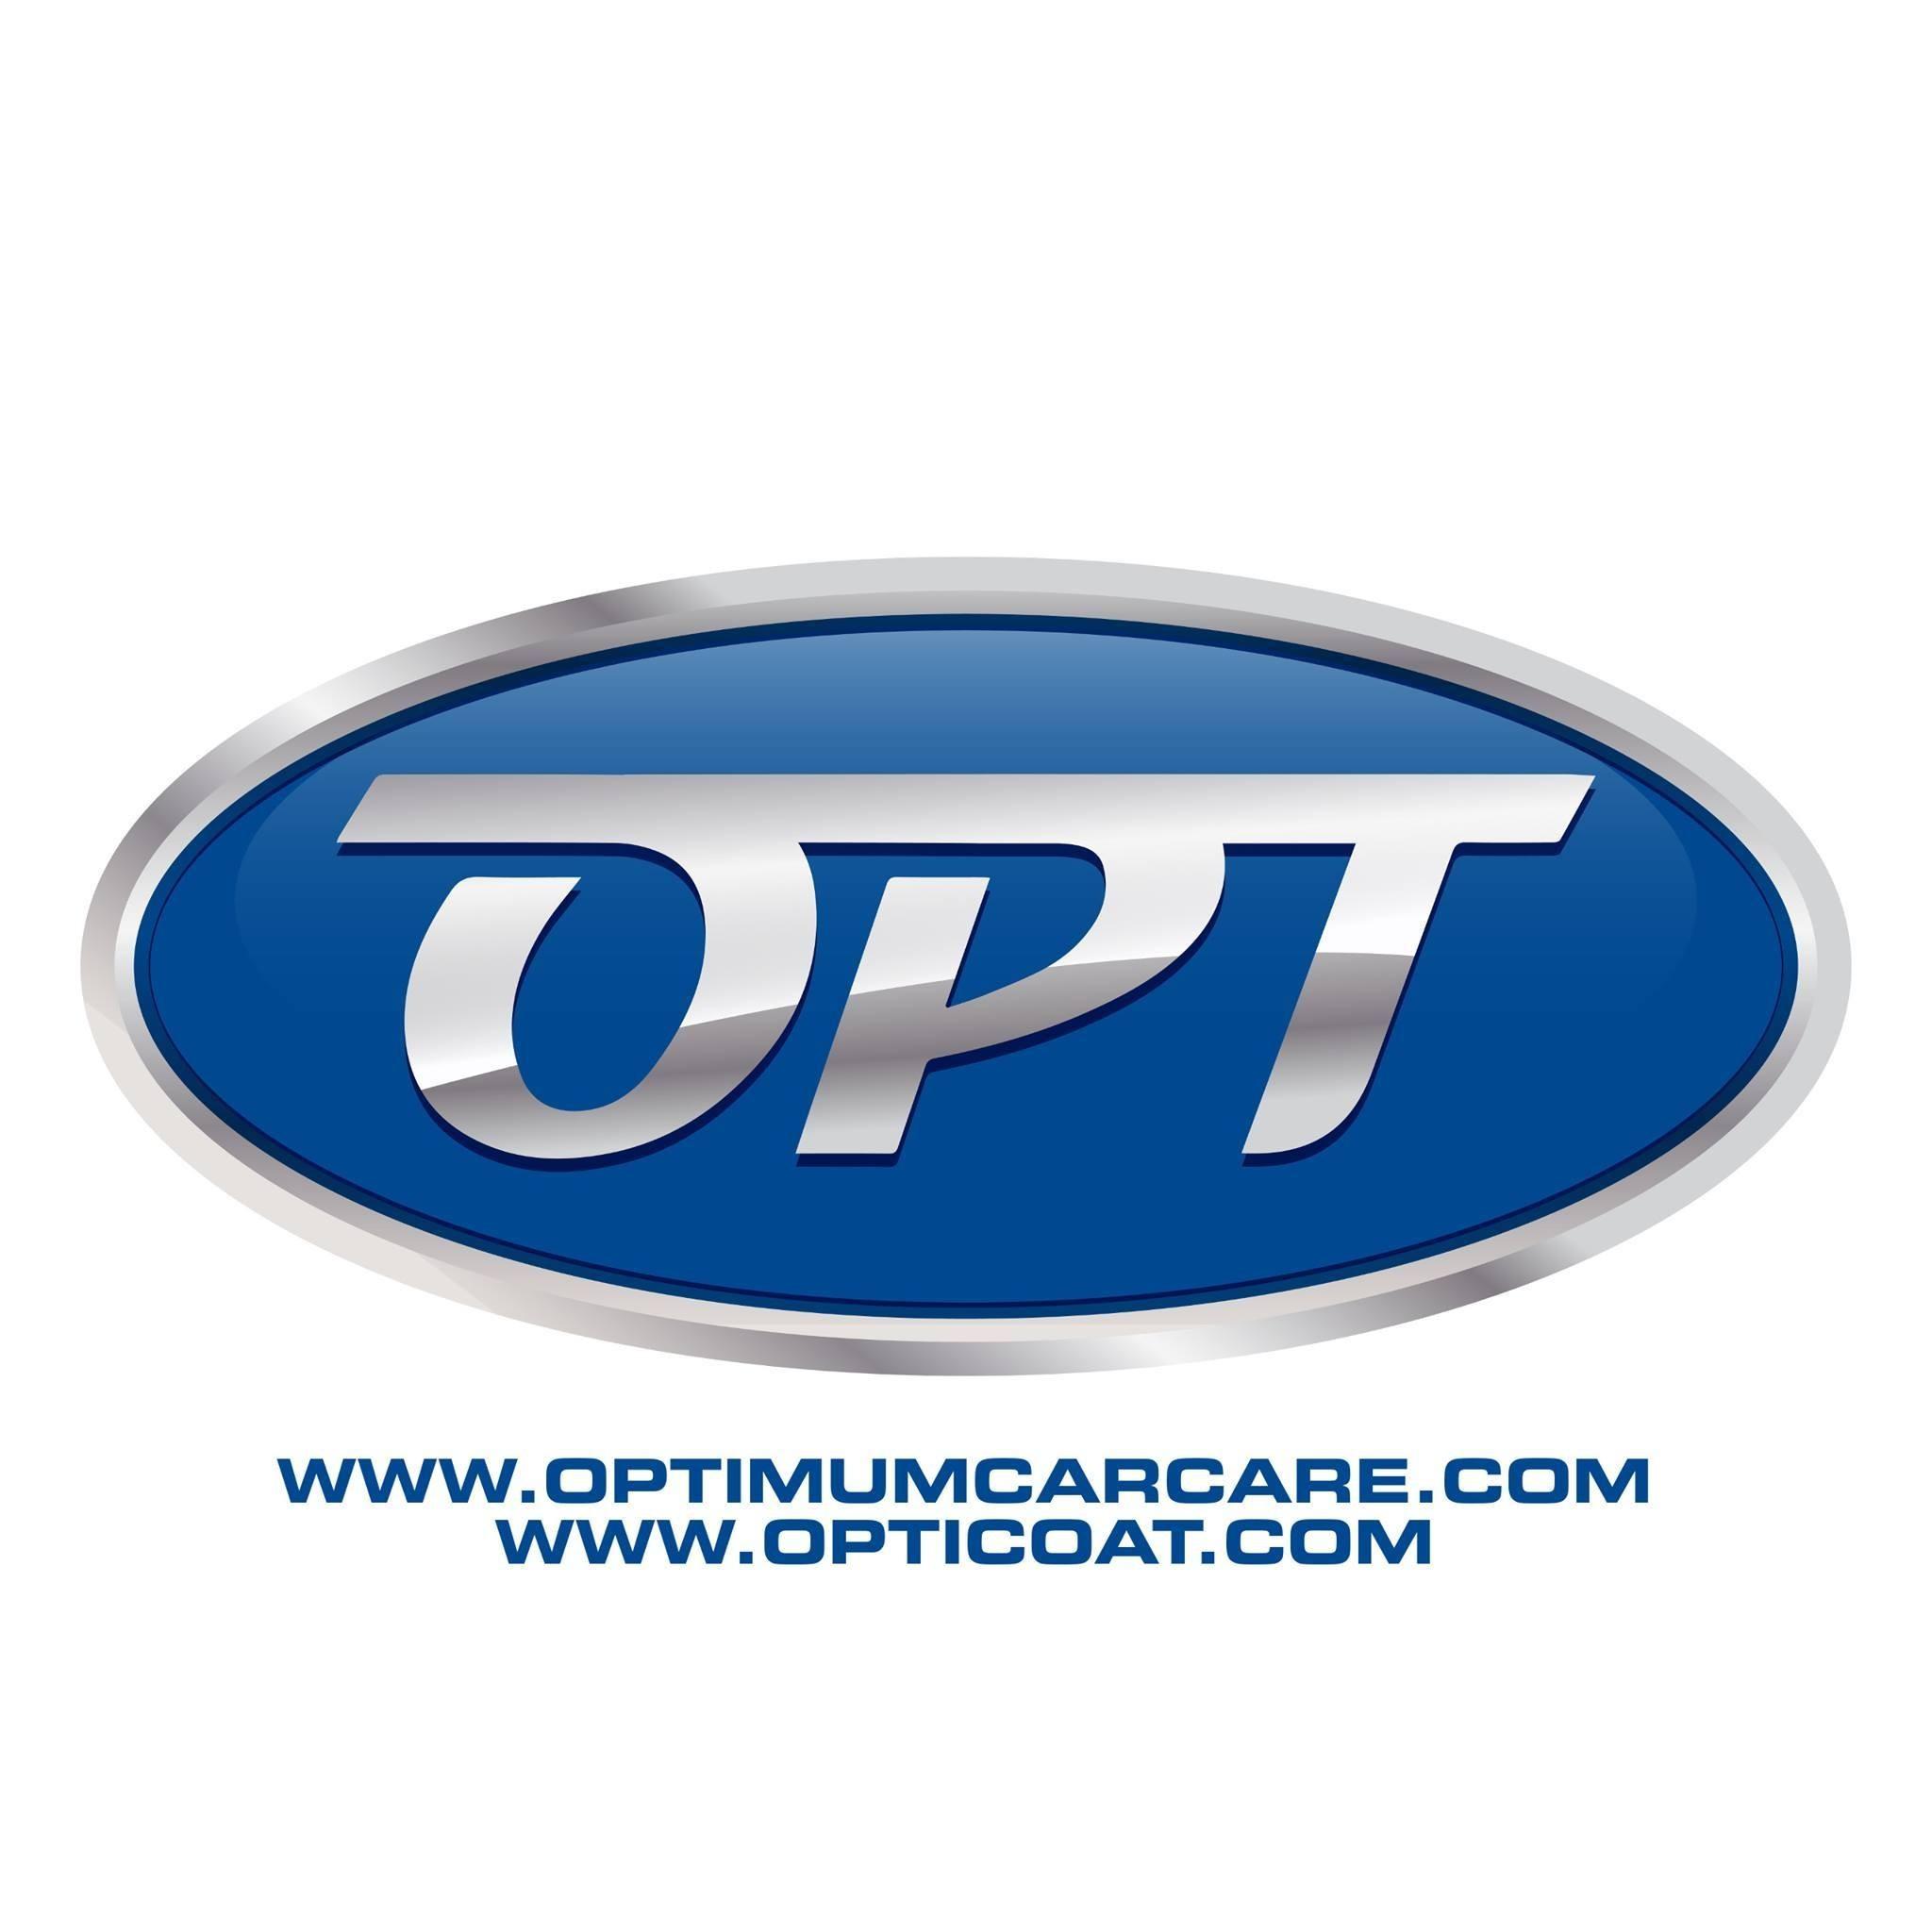 Optimum Car Care